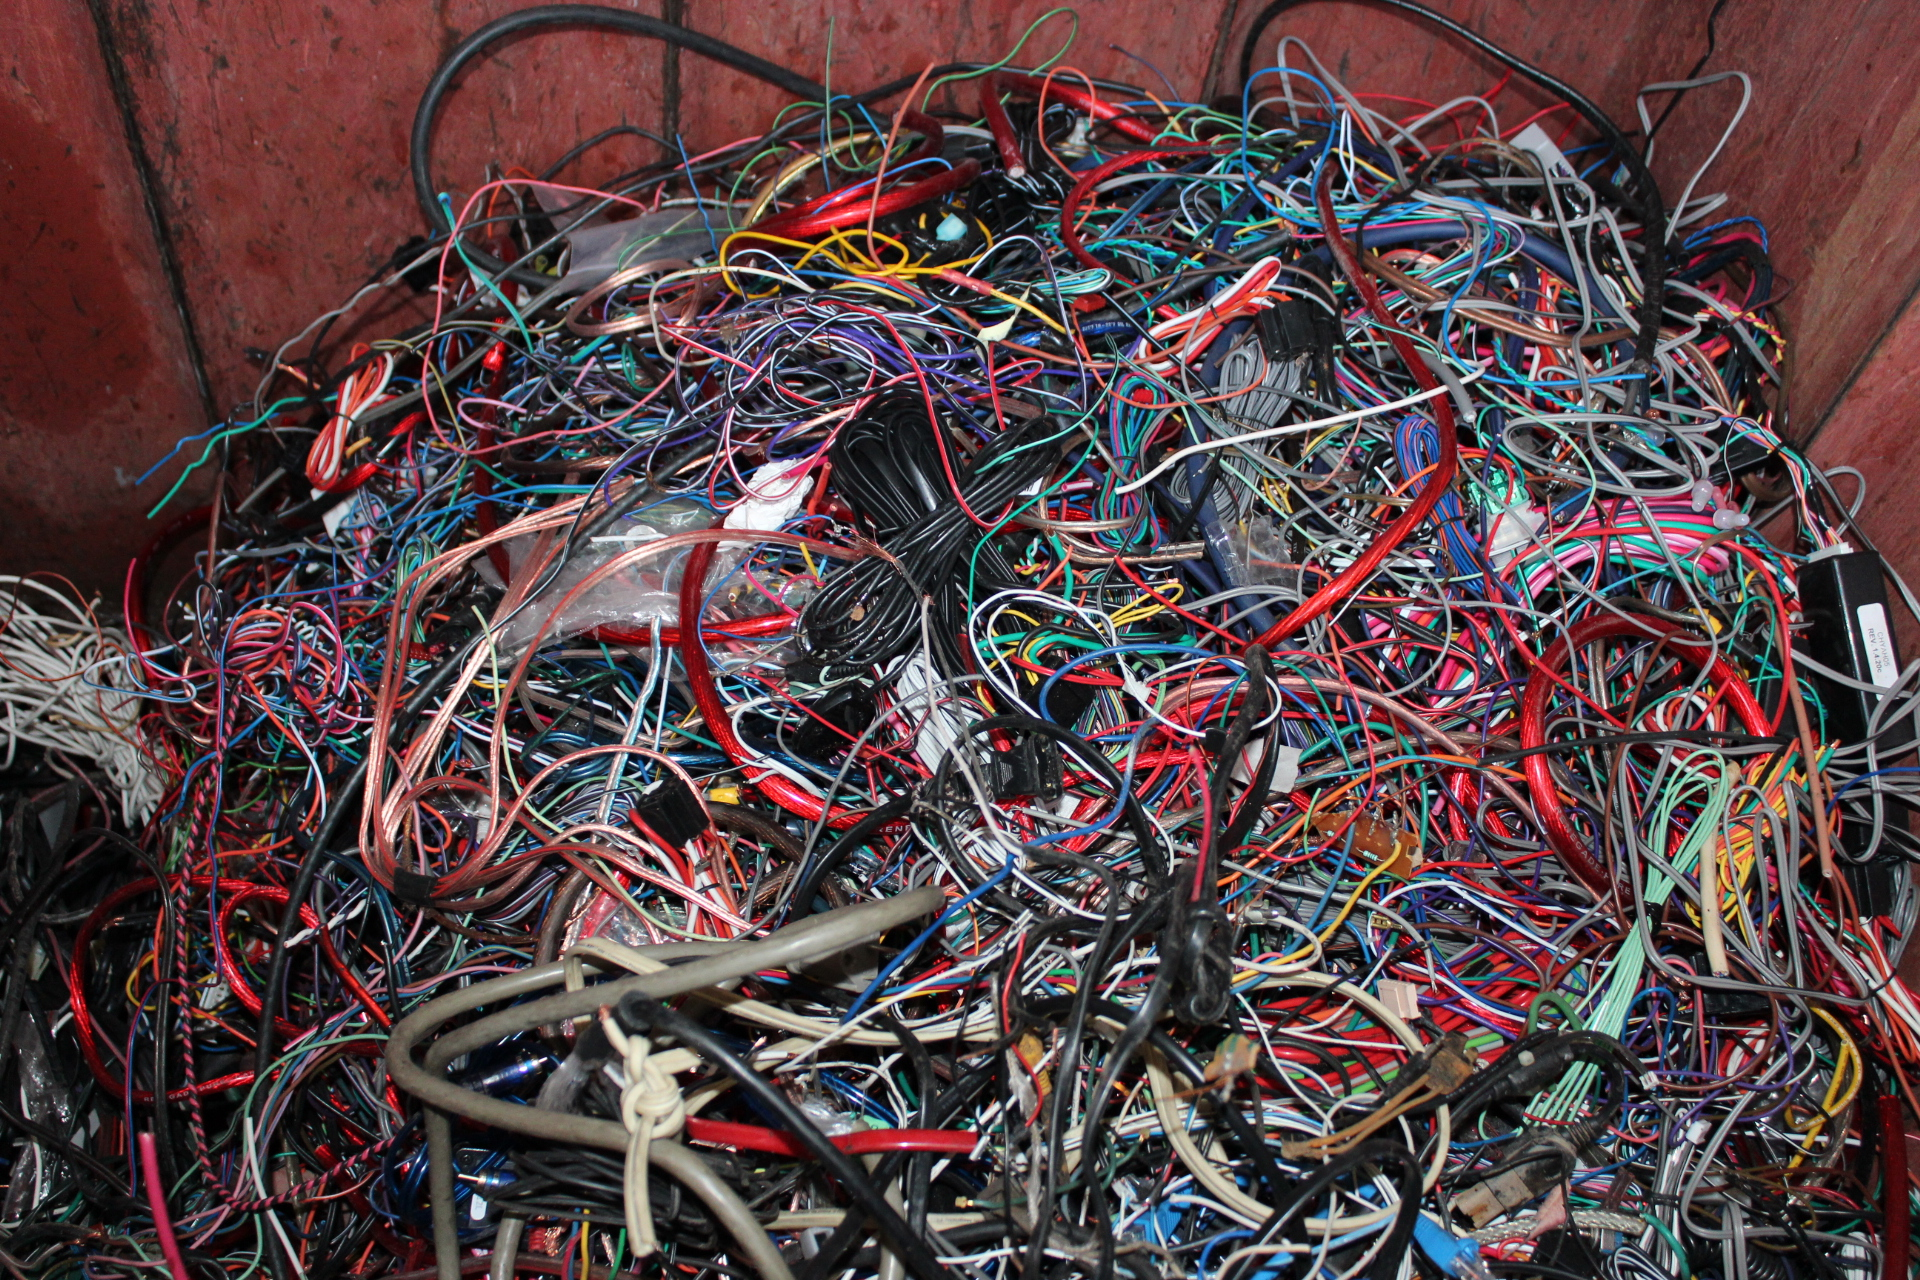 Pakistan Scrapbuy Offer Sr12631492 Copper Insulated Wire Circuit Board Recycling Machine Manufacturer Of Scrap